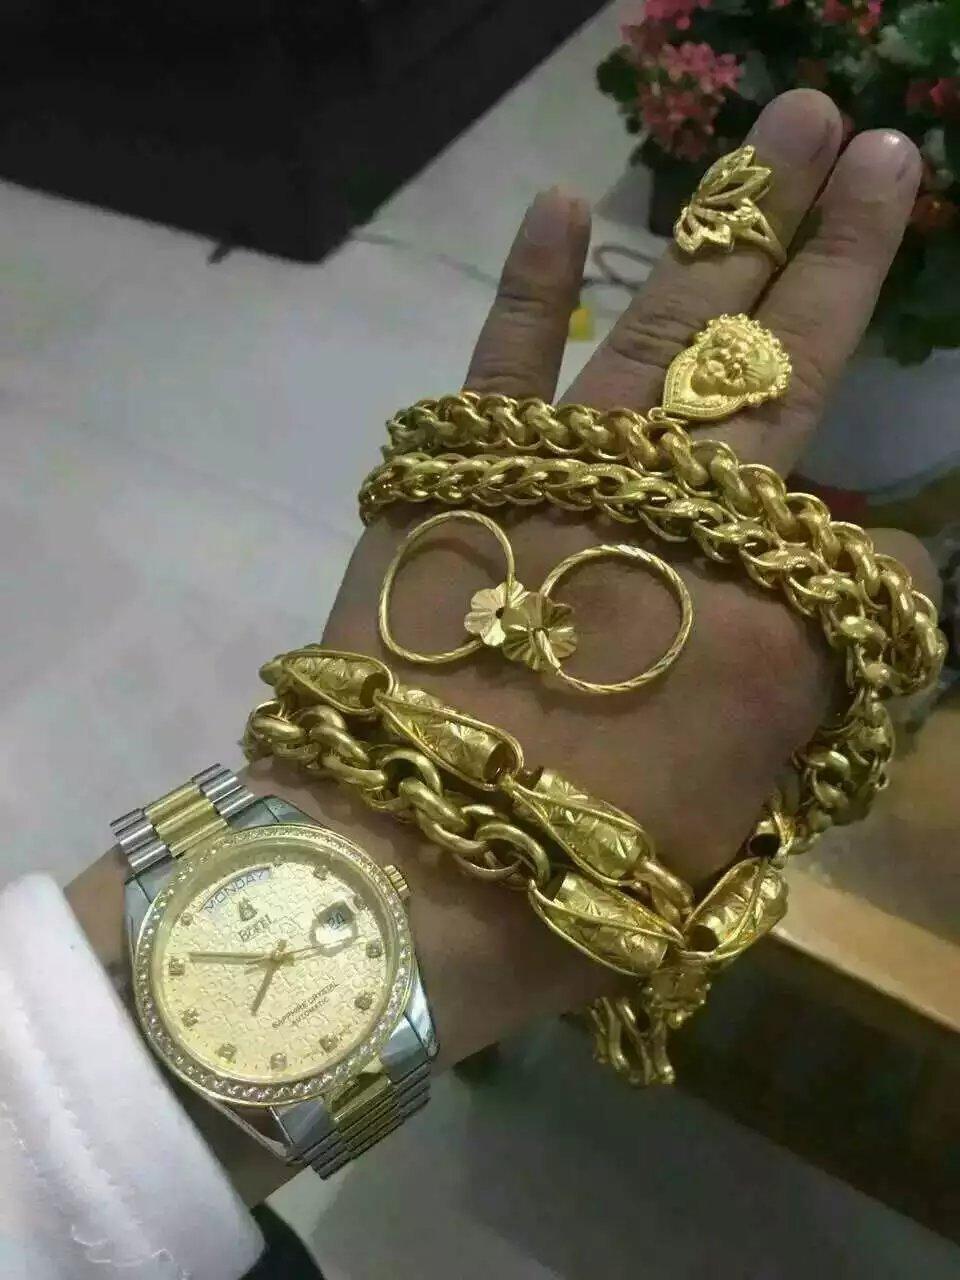 汉沽二手黄金首饰回收分品牌吗?汉沽回收黄金价格怎么算的?